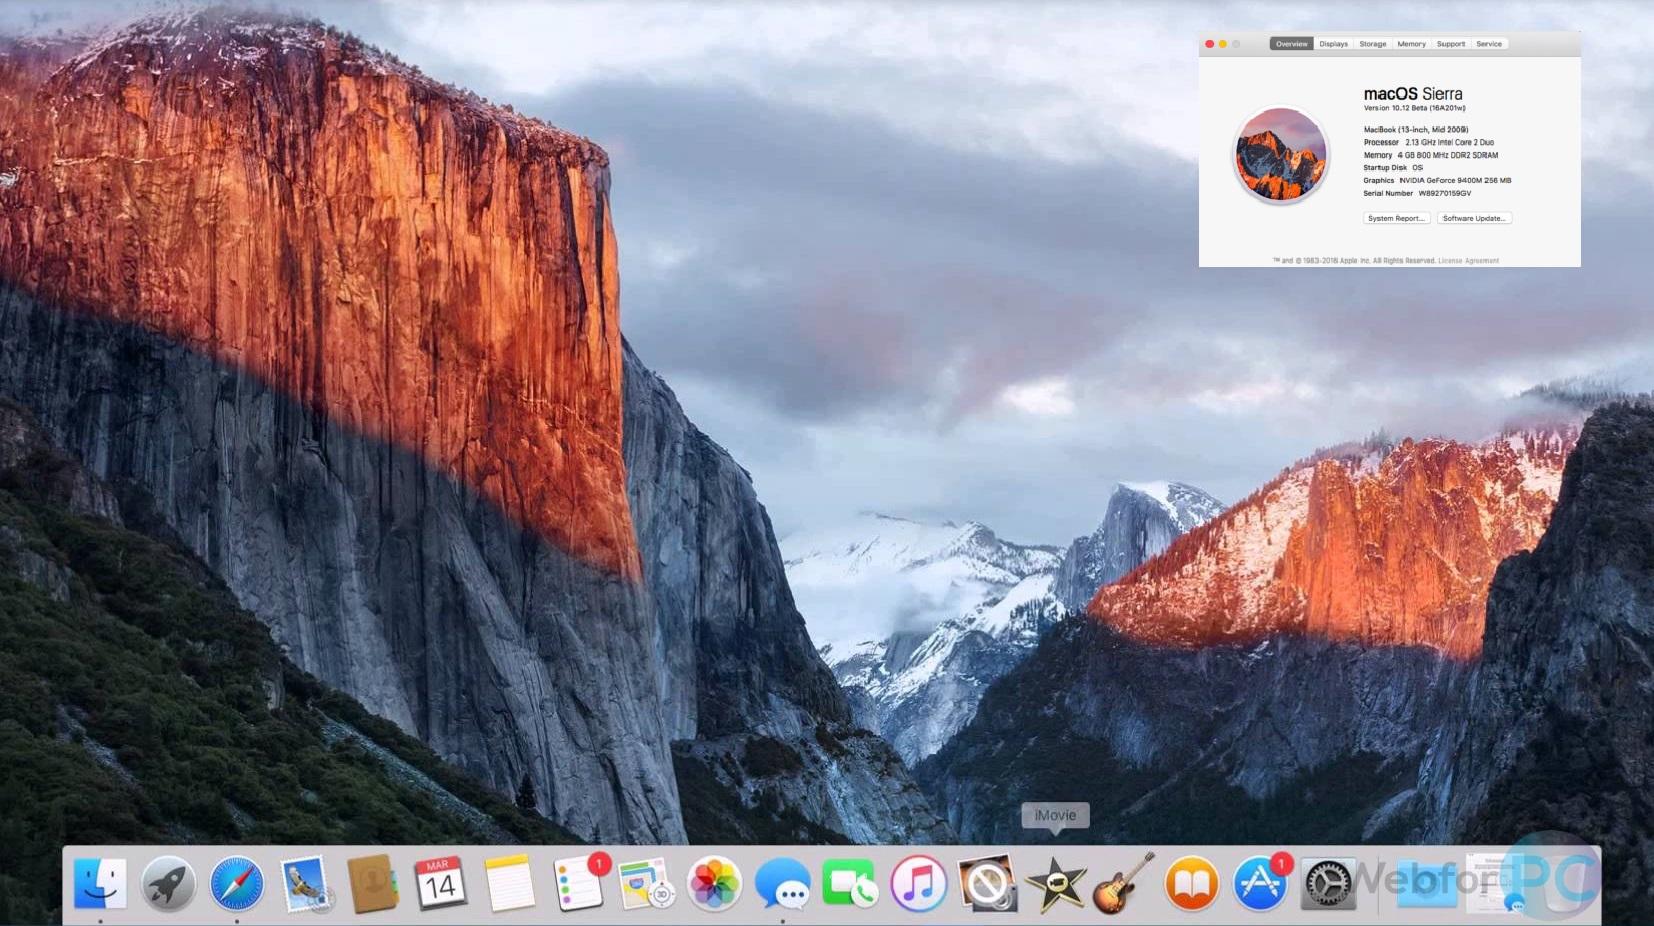 MacOS High Sierra 10 13 Disk Image Free Download - WebForPC